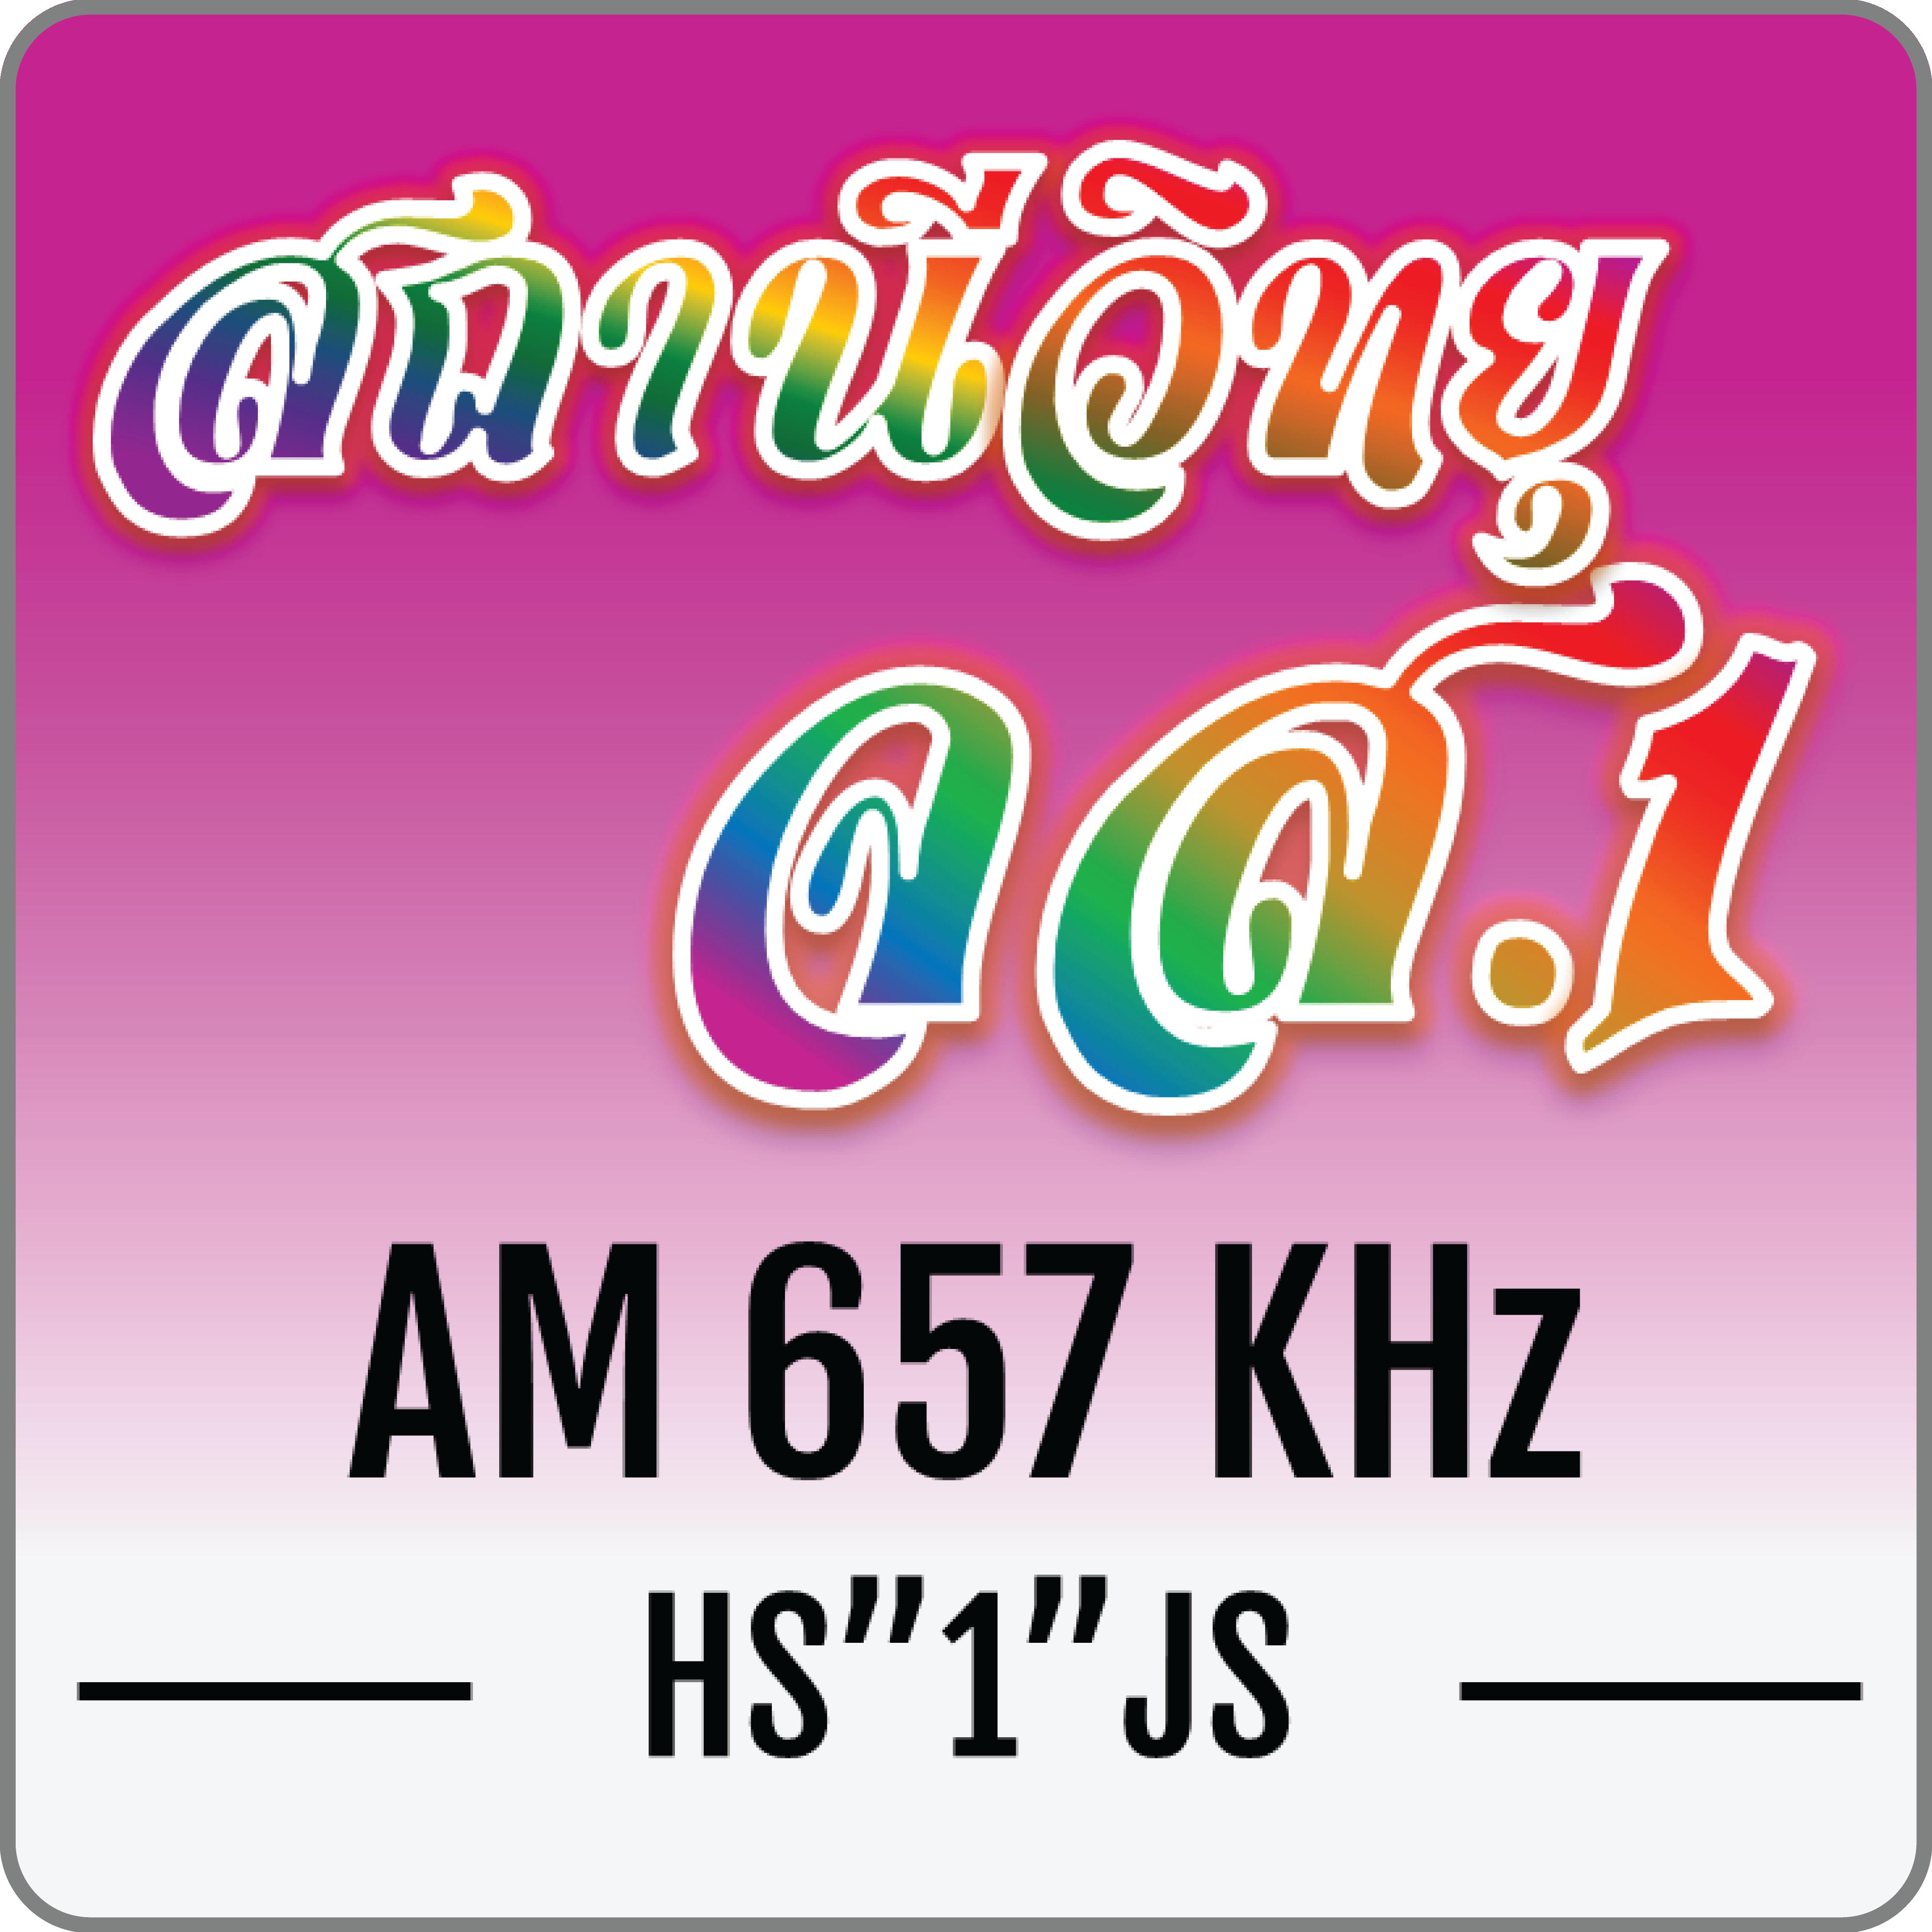 สถานีวิทยุจเรทหารสื่อสาร 1 AM กรุงเทพฯ